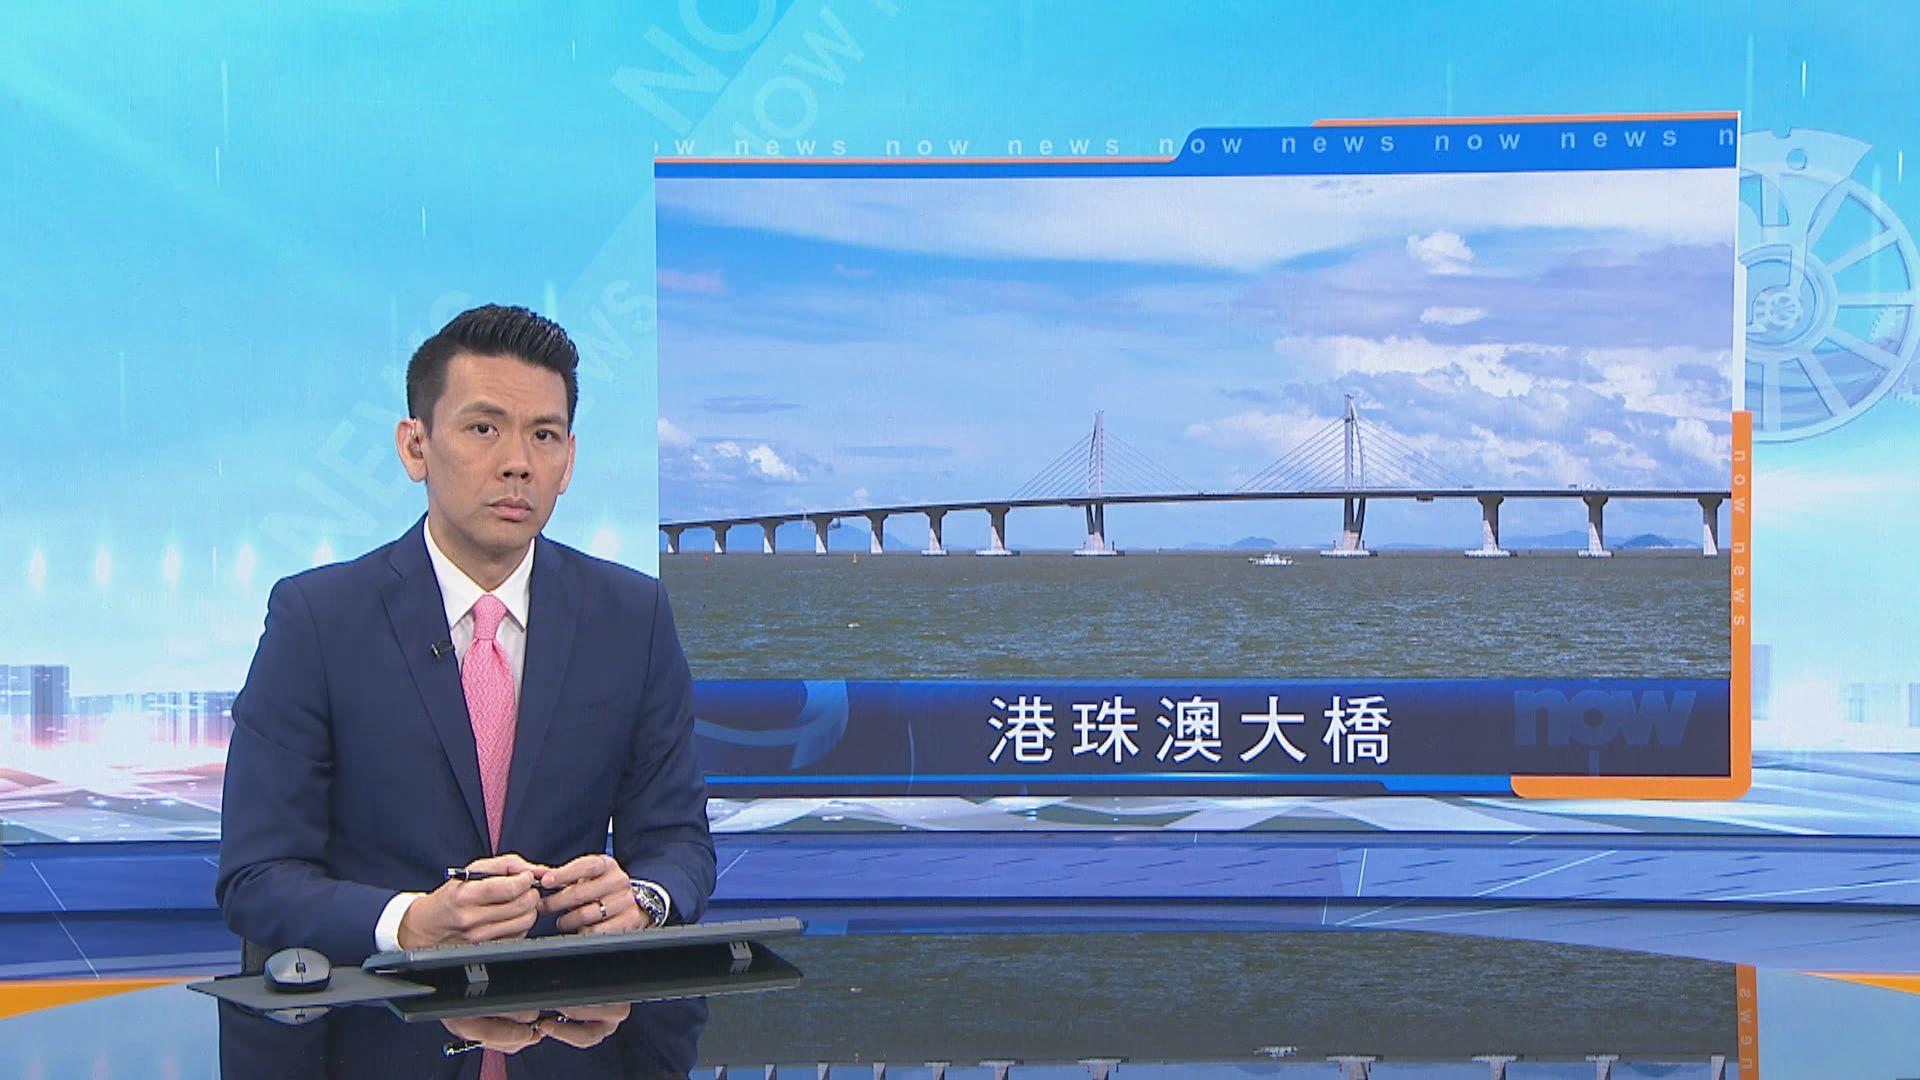 邱騰華:考慮放寬旅客144小時免簽證